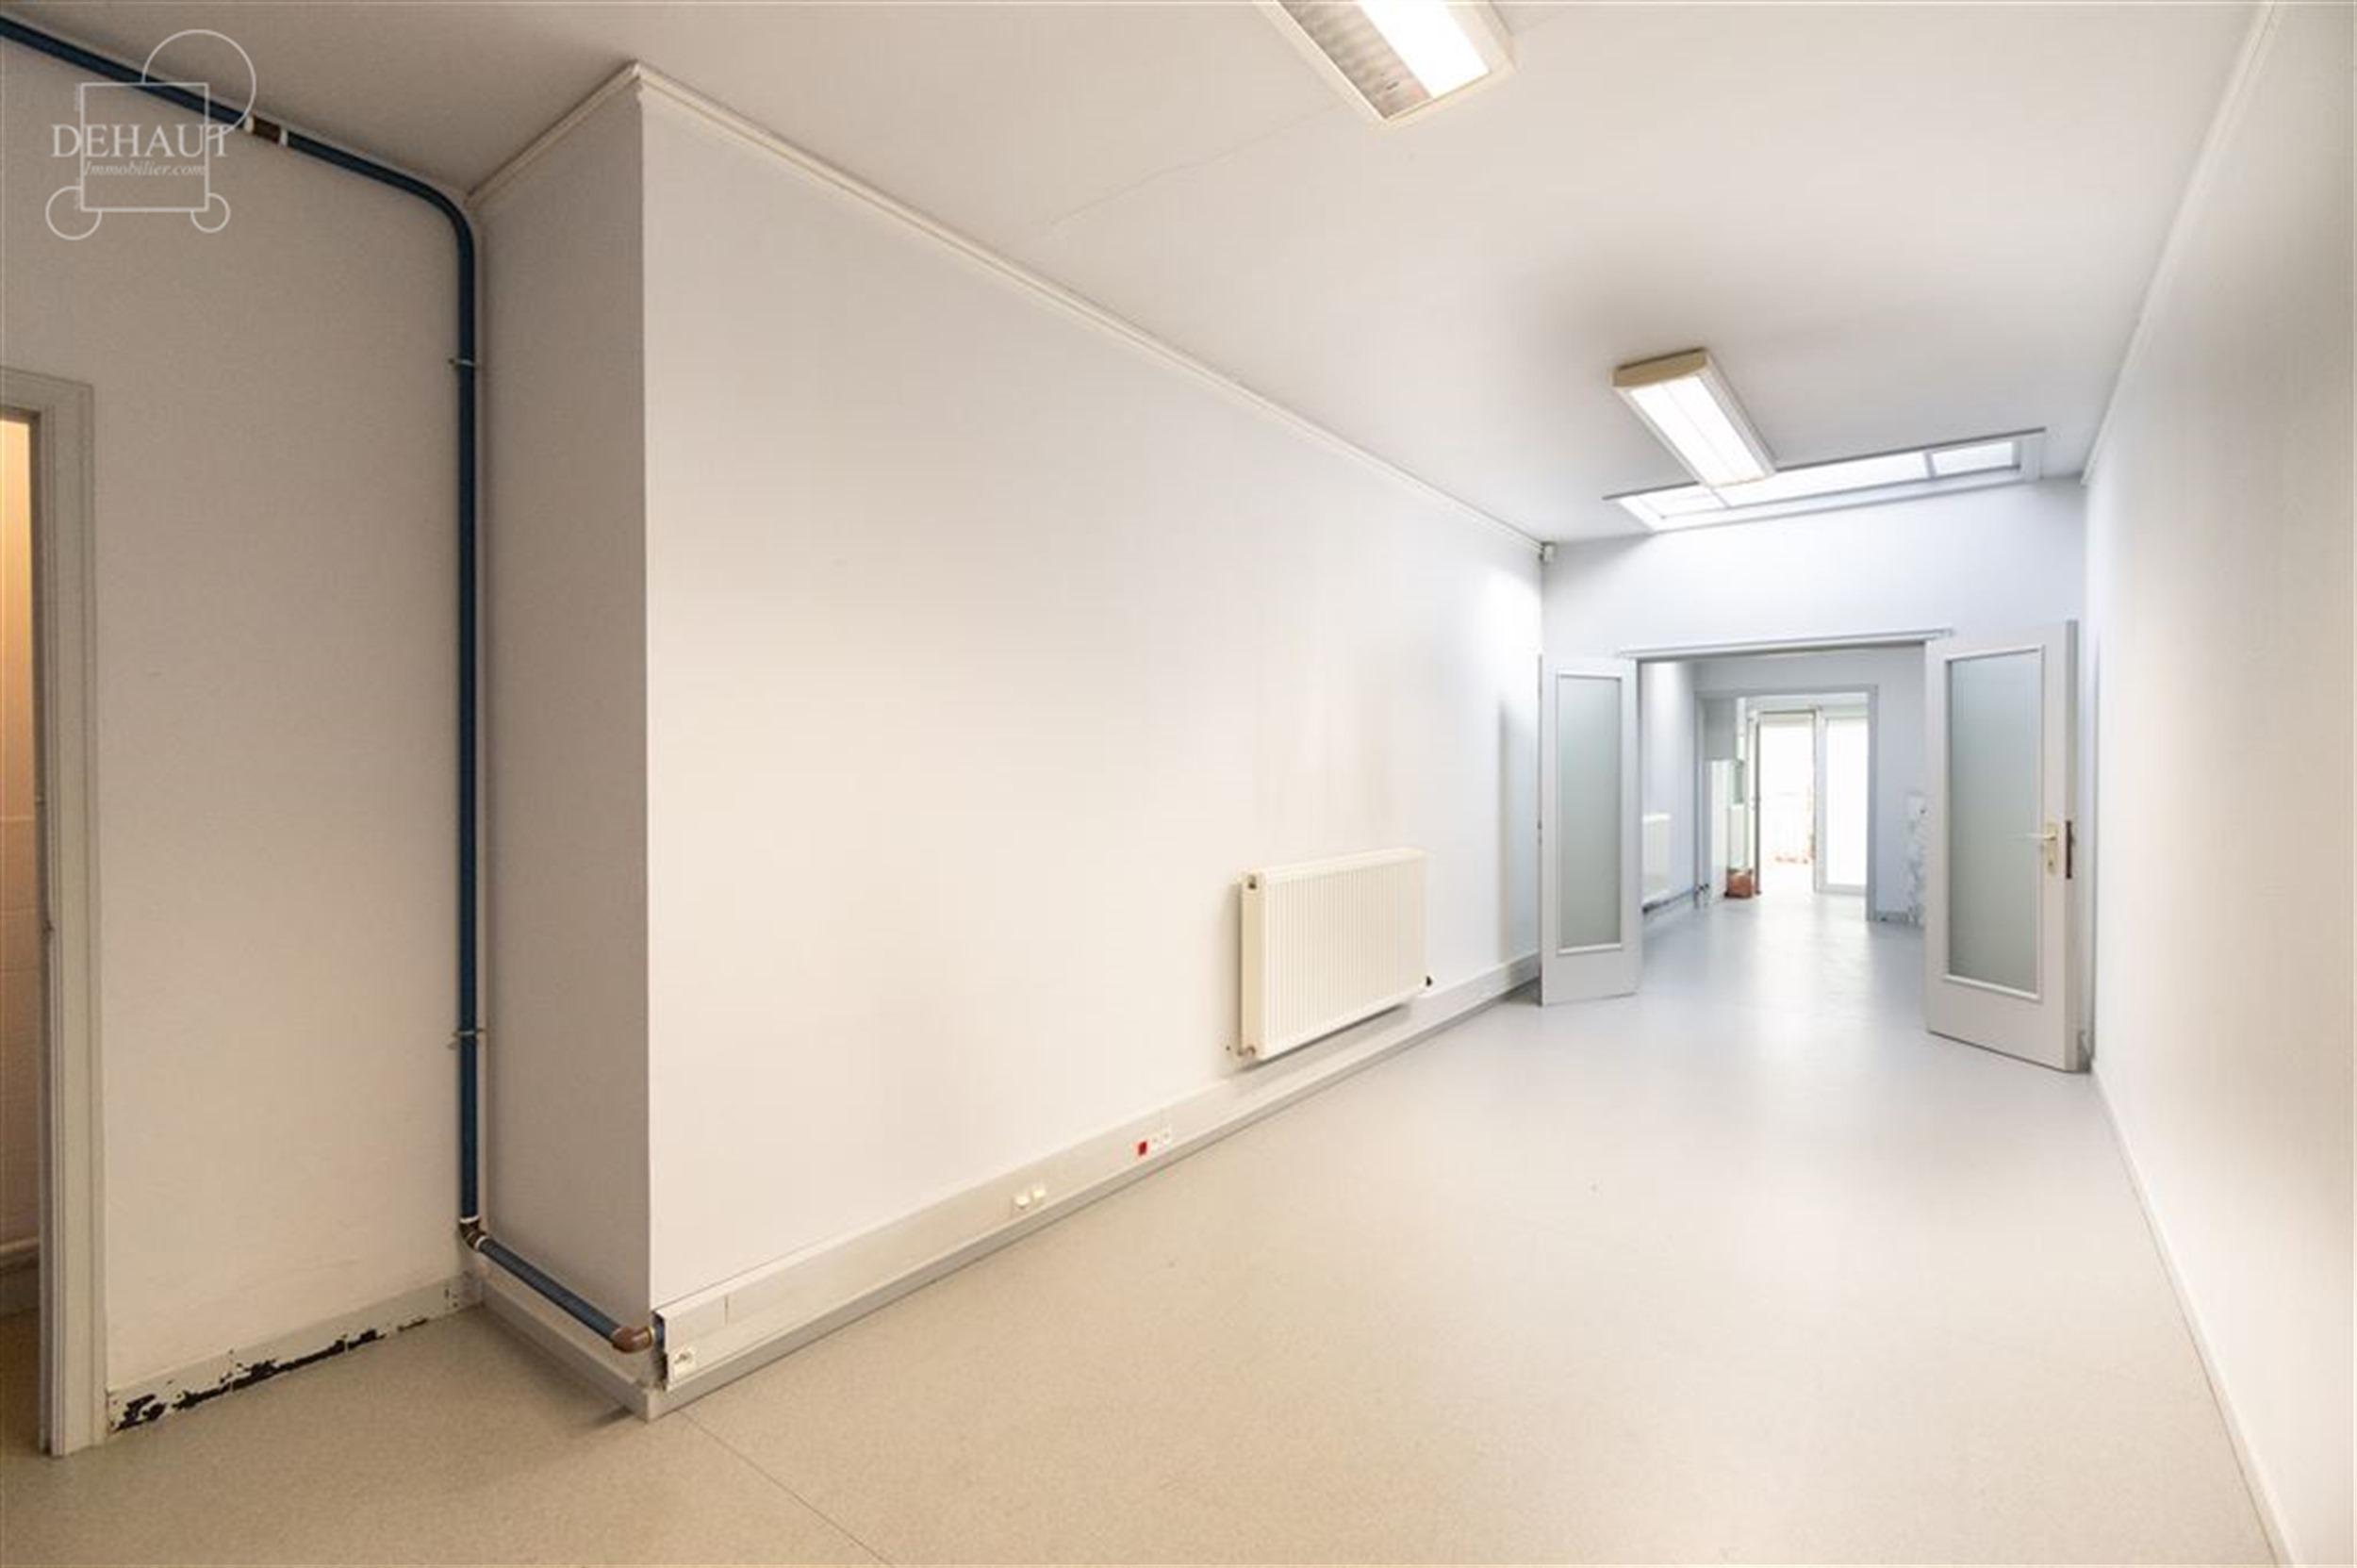 Rez-de-chaussée commercial d'env. 108m² idéalement situé en plein centre-ville de COMINES avec grand espace vitrine, stockage et WC. Disponible im...